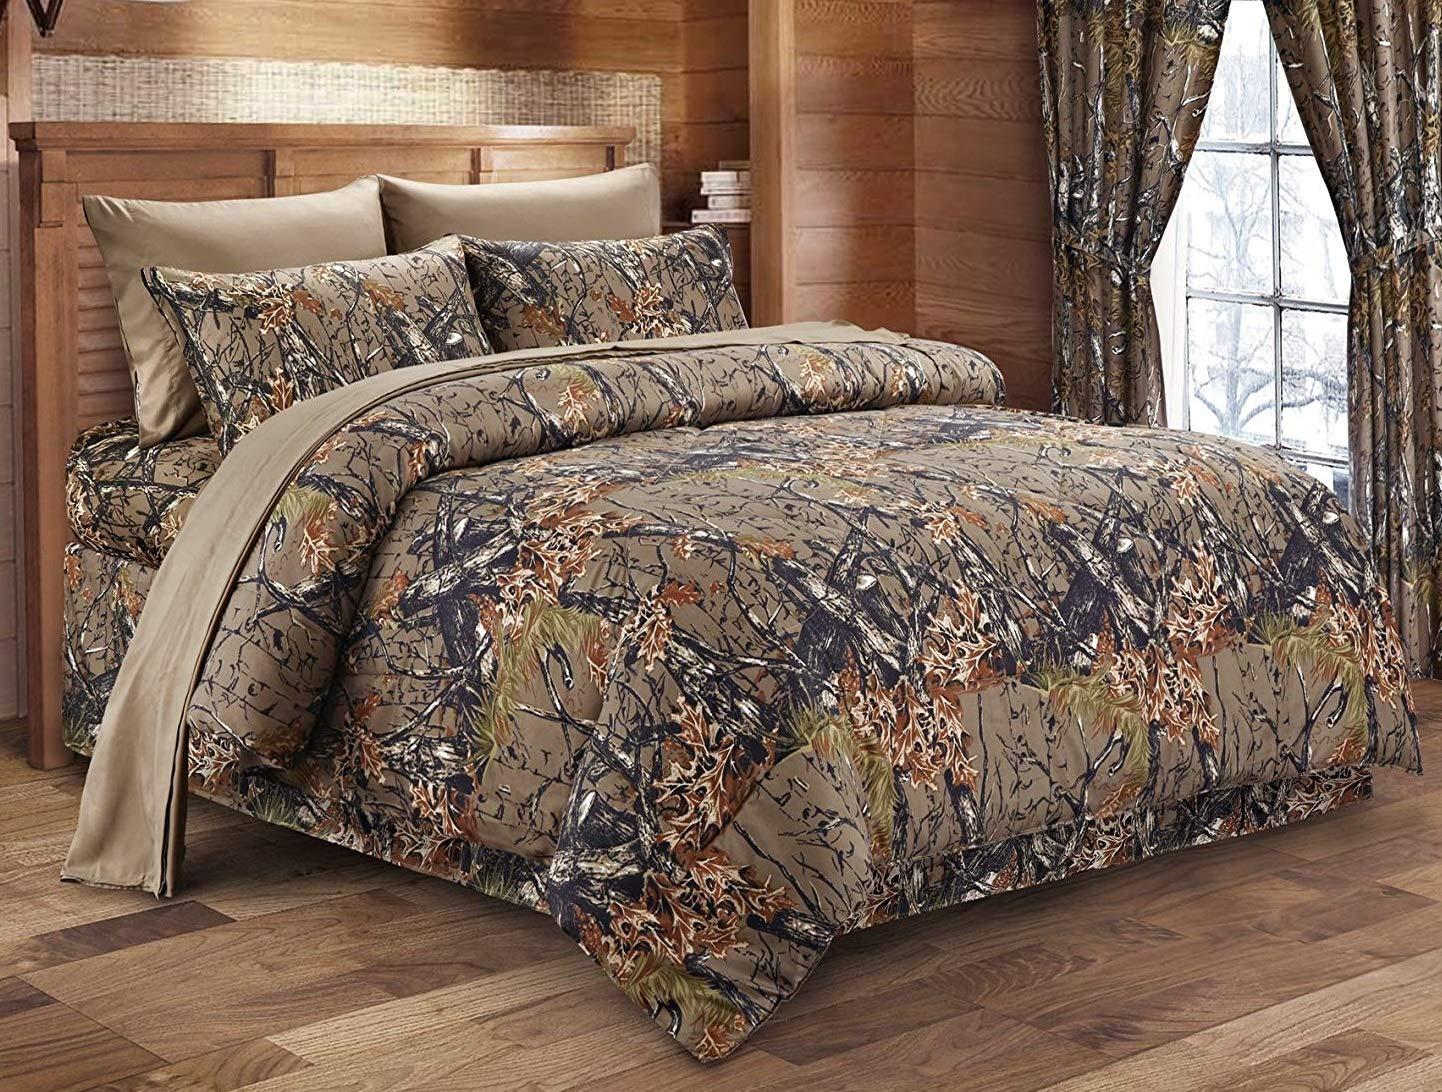 Regal Comfort The Woods Hunter Camo Comforter Natural Brown - Queen 86 x 94